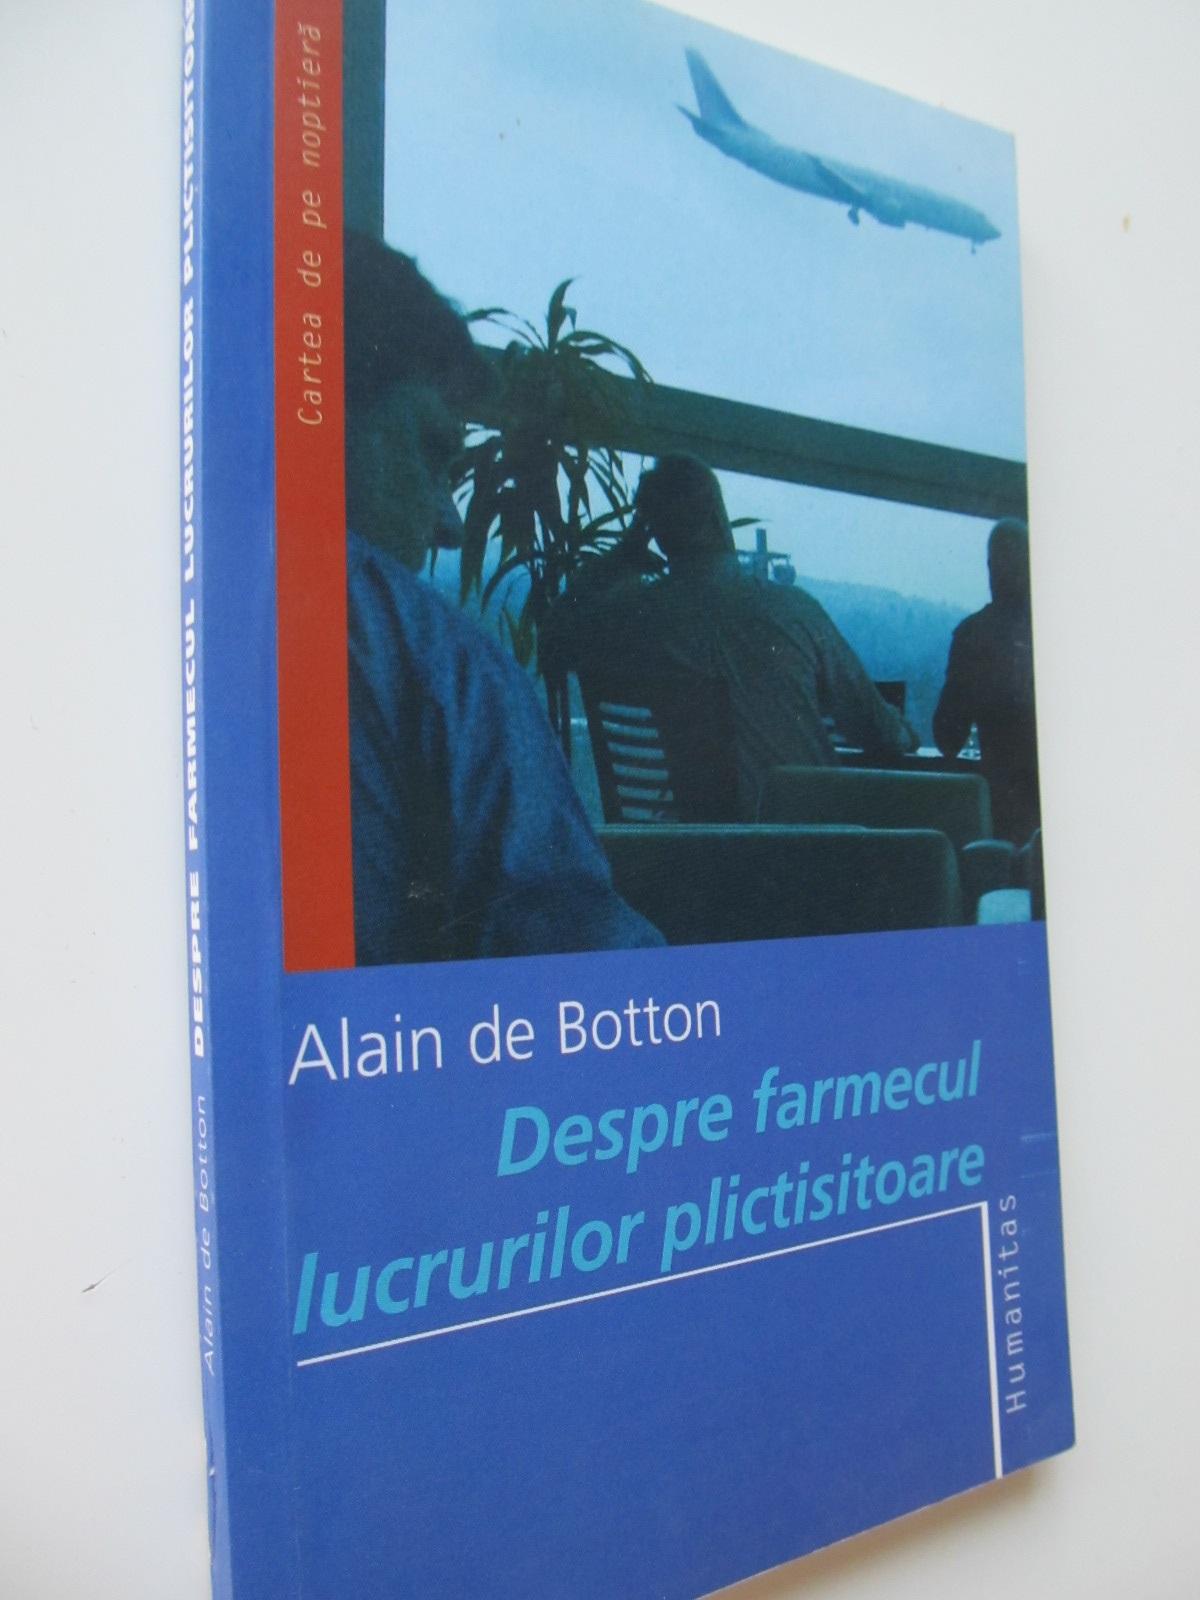 Carte Despre farmecul lucrurilor plictisitoare - Alain de Botton